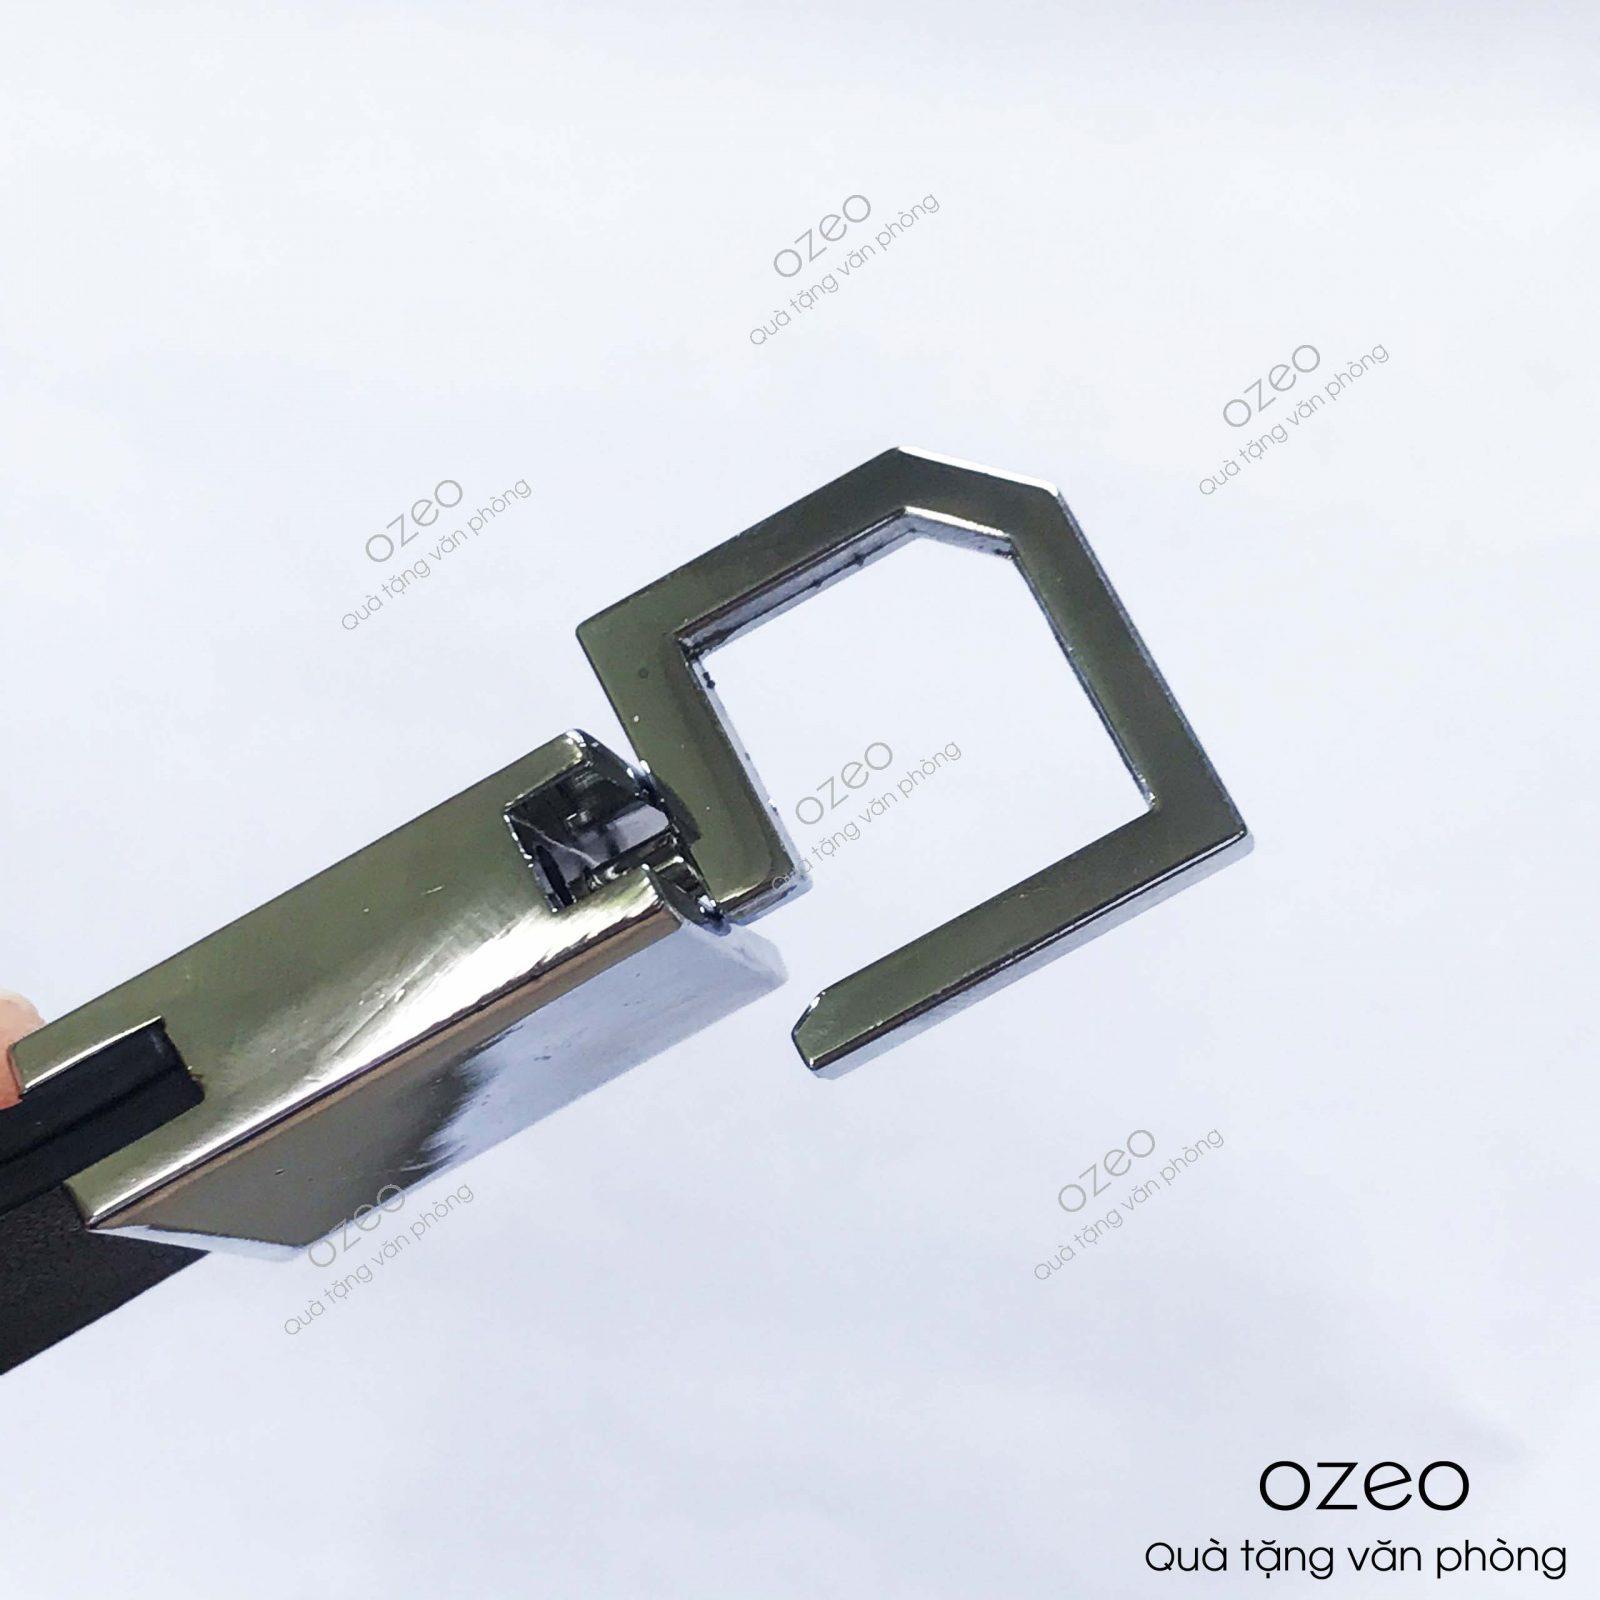 Phần chốt cài thắt lưng của móc khóa kim loại dây da MK003.